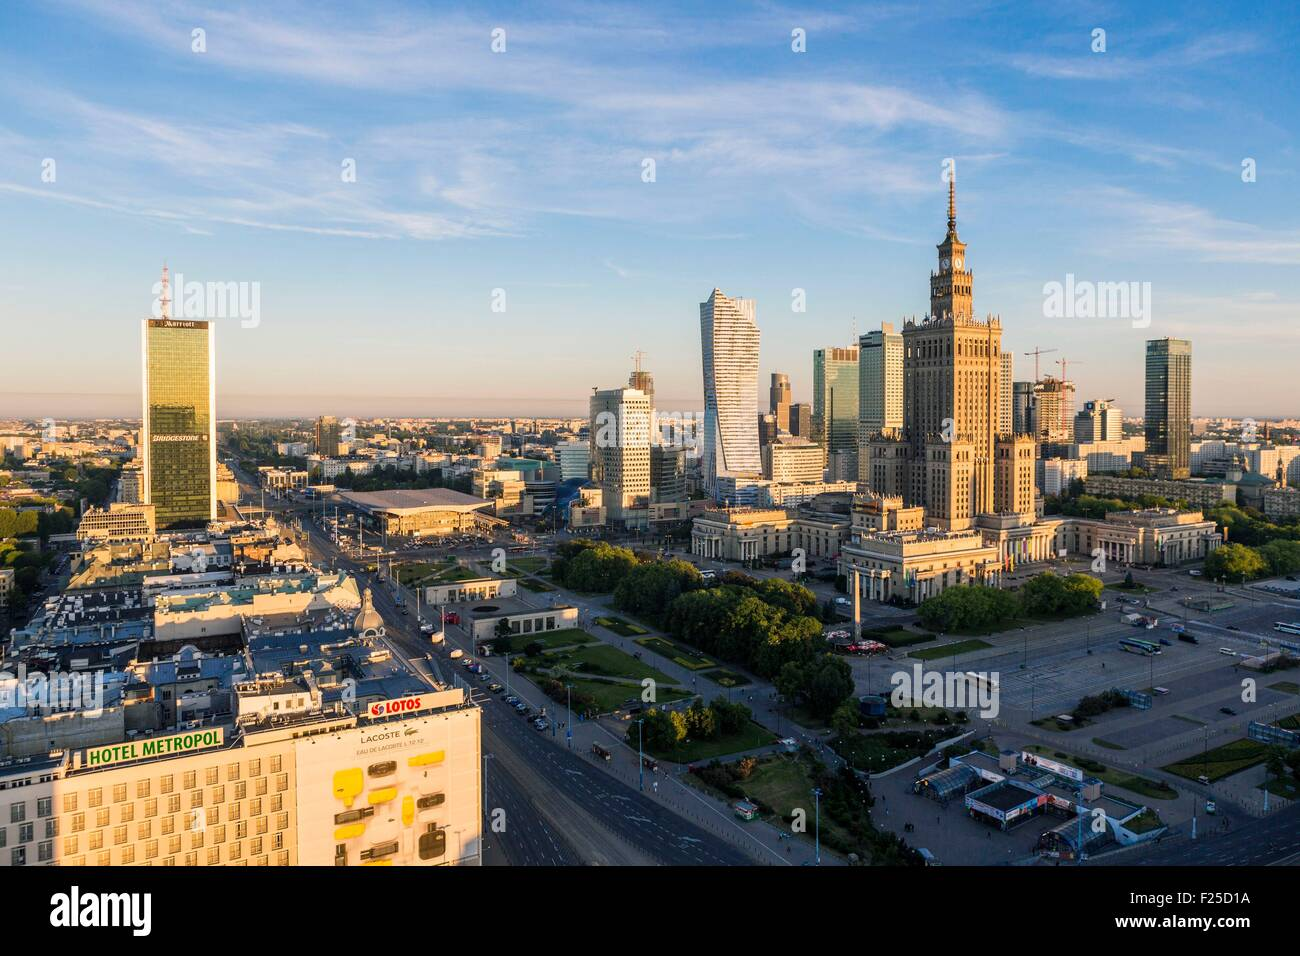 Polen, Region Masowien, Warschau Finanzplatz und Palast der Kultur und Wissenschaften Stockbild